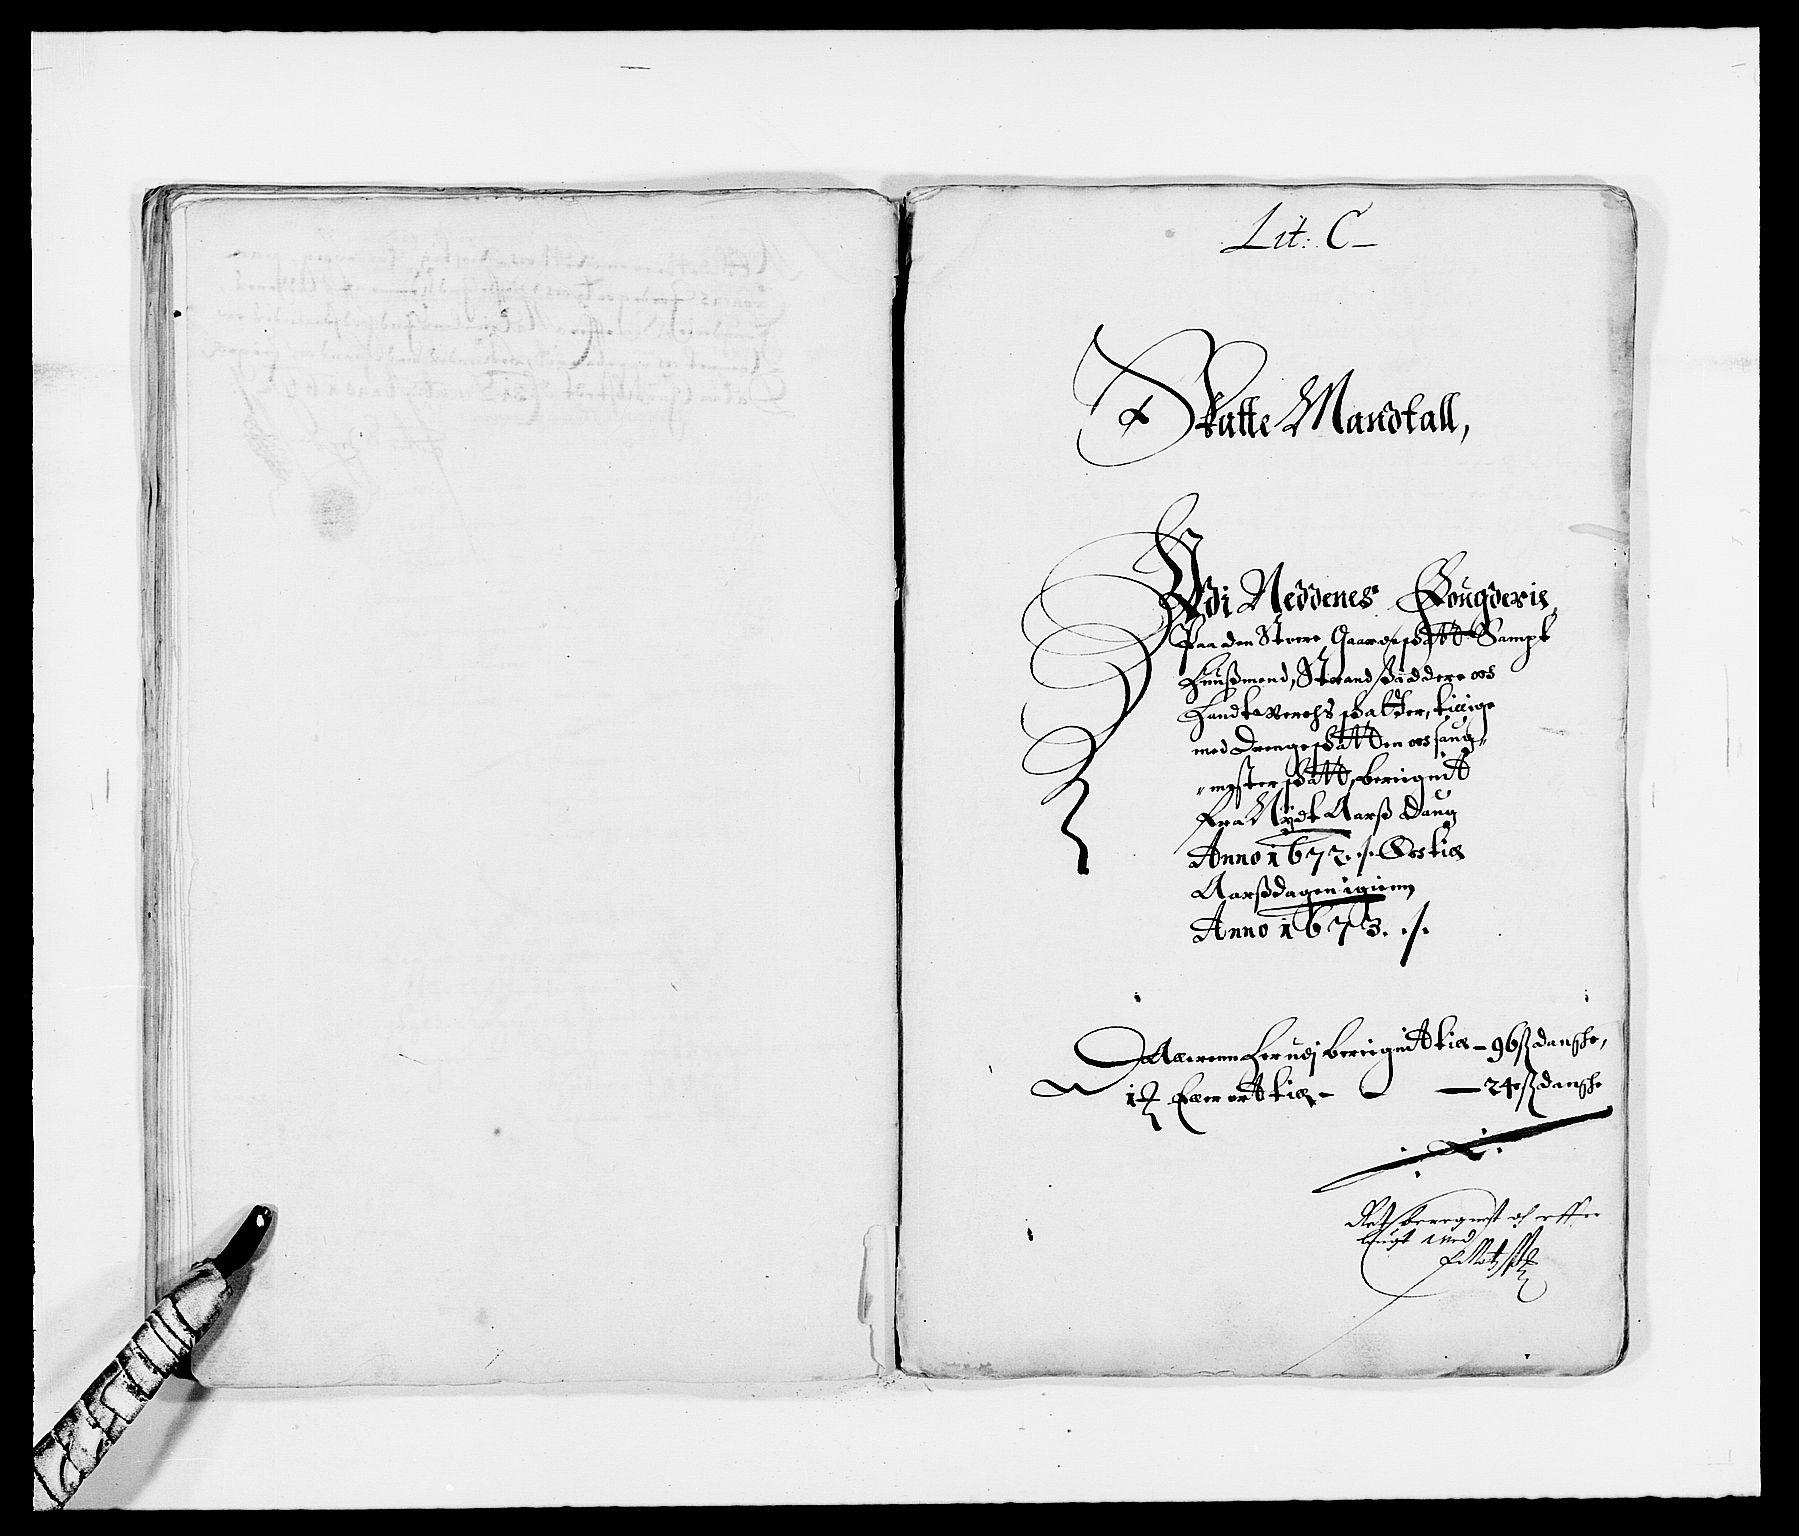 RA, Rentekammeret inntil 1814, Reviderte regnskaper, Fogderegnskap, R39/L2300: Fogderegnskap Nedenes, 1672-1674, s. 44